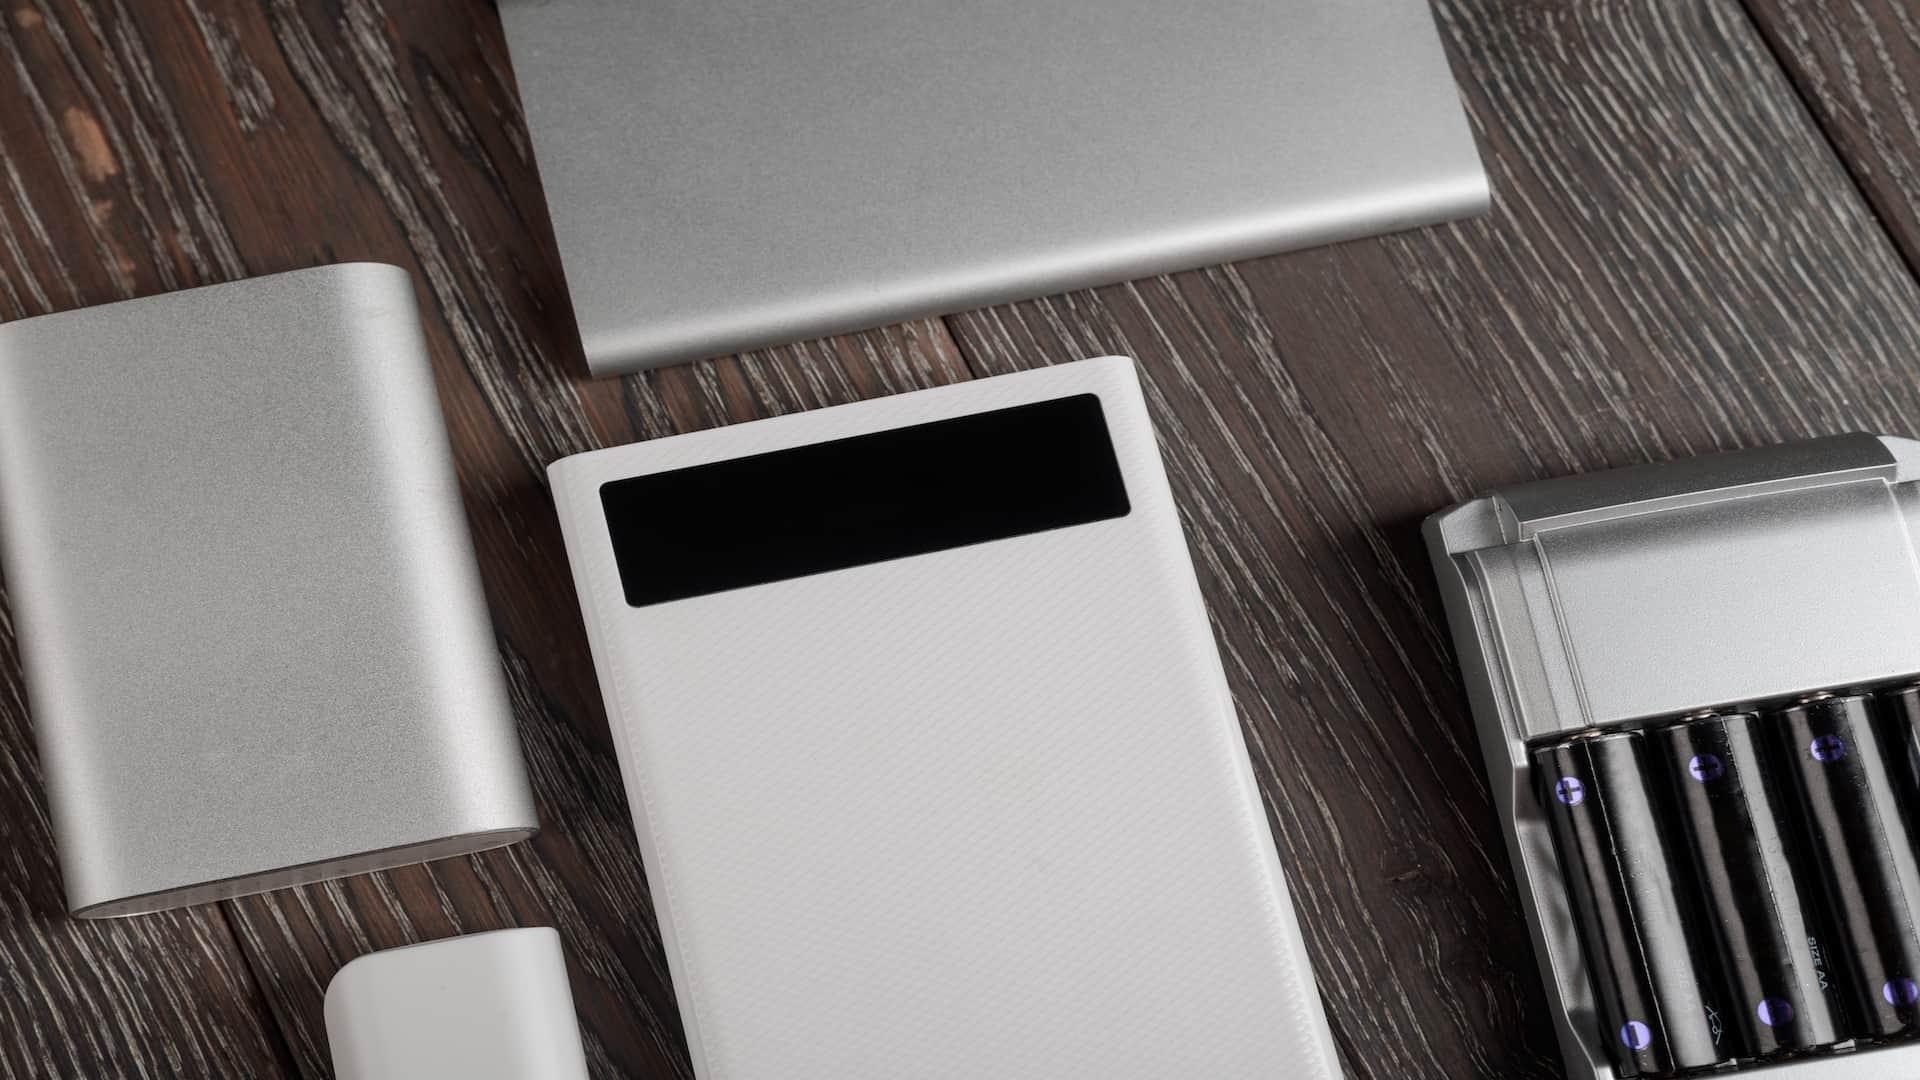 Baterías de litio: ¿Cuál es la mejor del 2020?